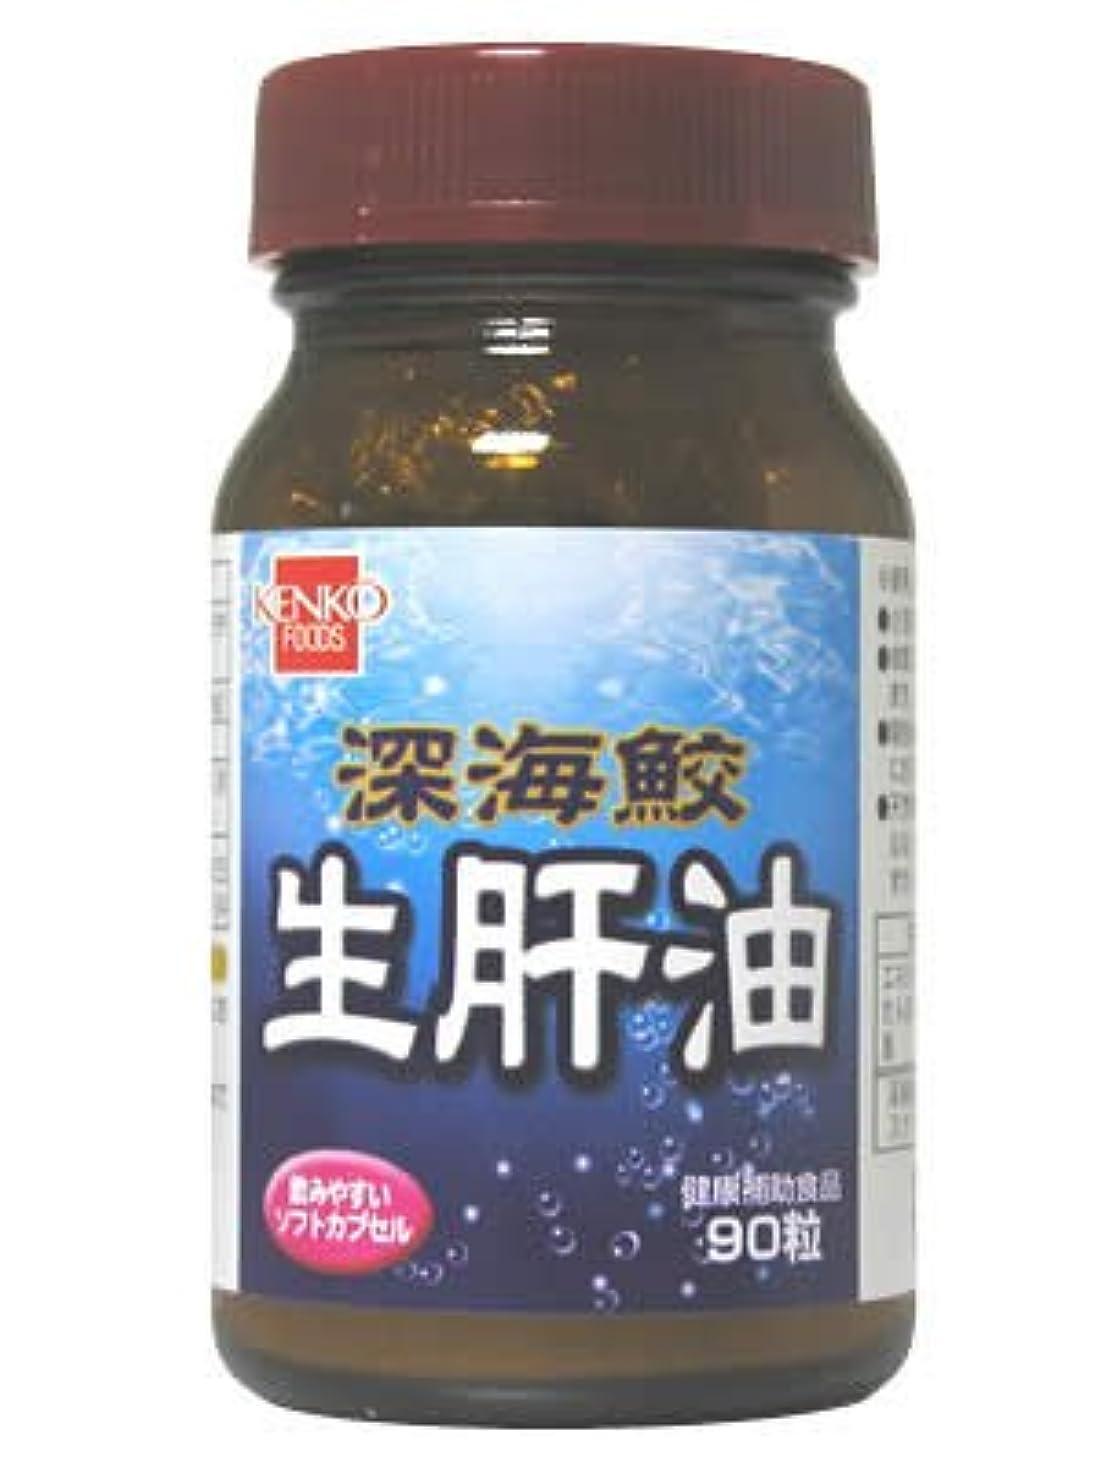 レバーキルス嵐健康フーズ 深海鮫生肝油 90粒